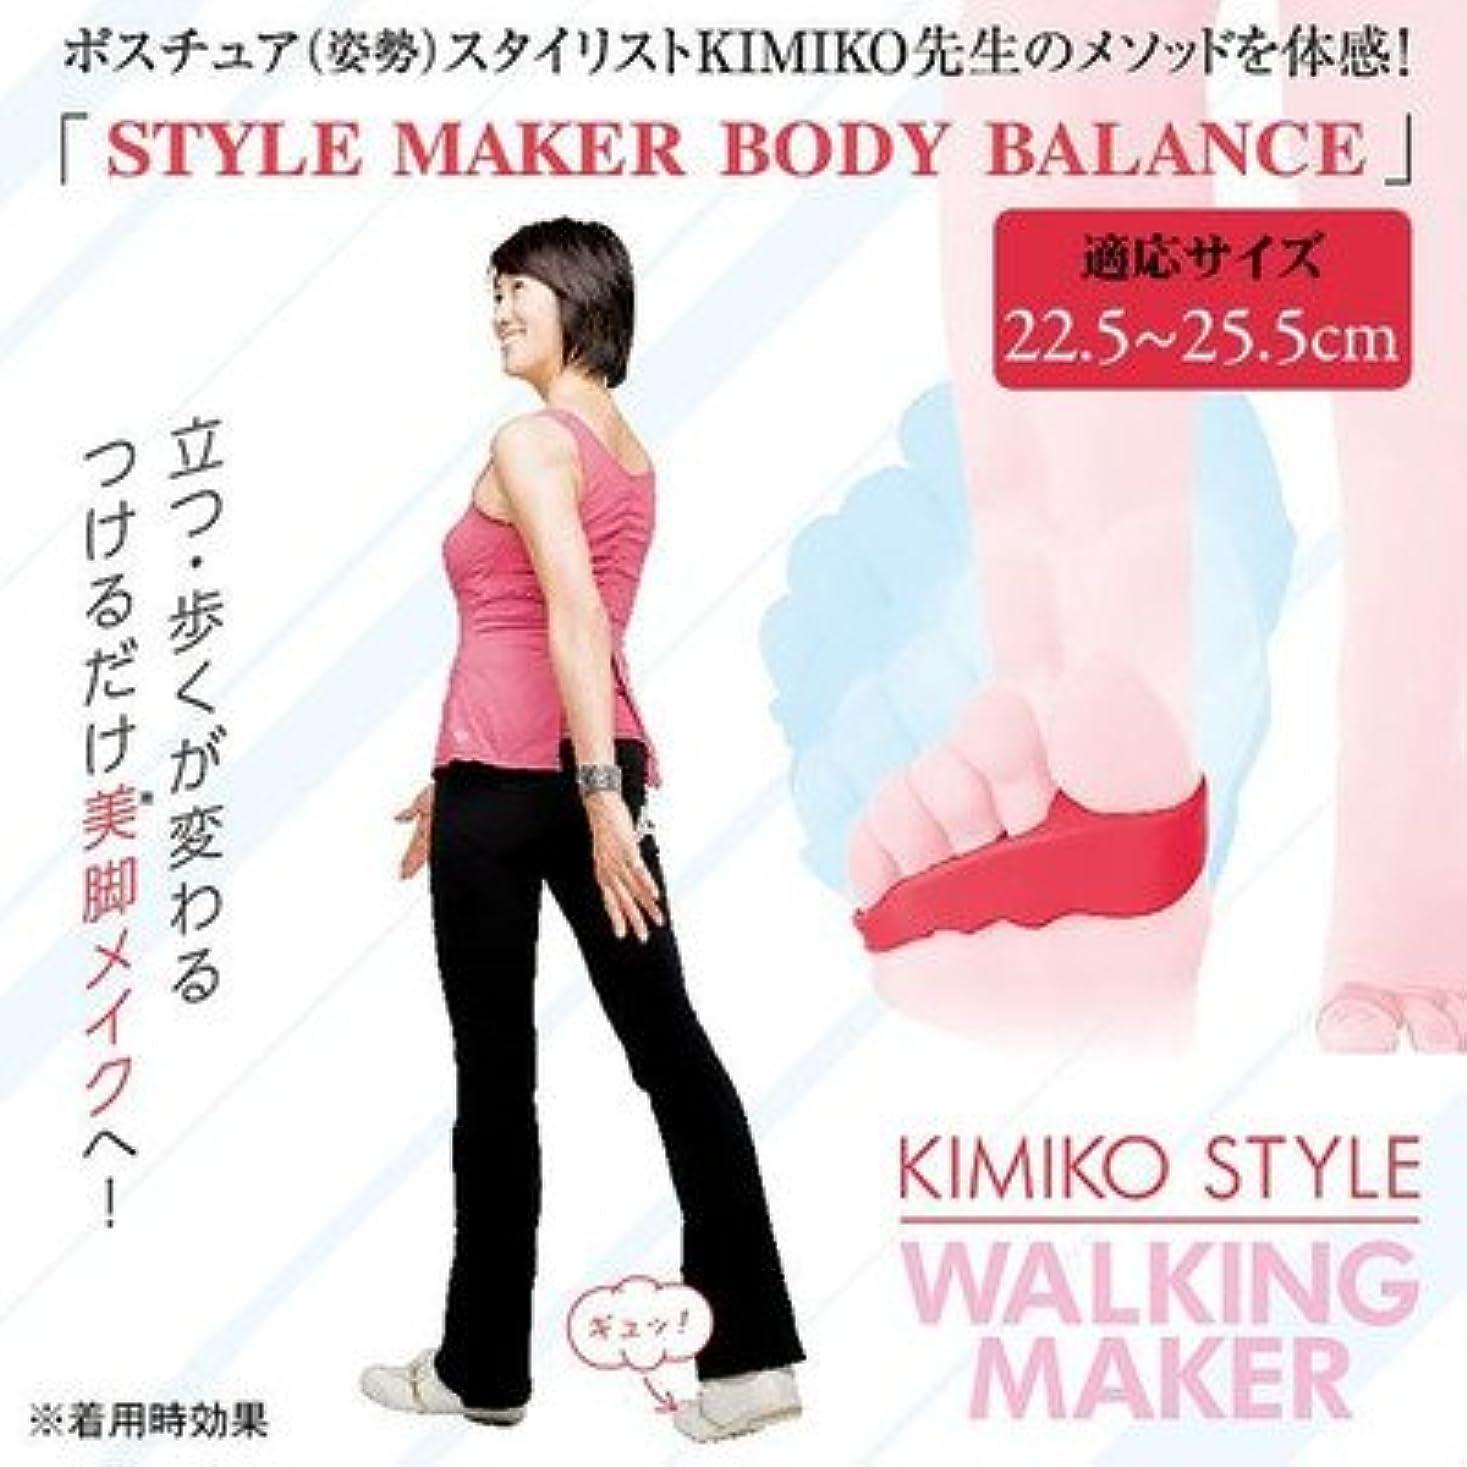 法律により集中的な表面的な付けて歩いて 正しい歩行姿勢へナビゲート KIMIKO STYLE キミコスタイル WALKING MAKER ウォーキングメーカー 1足入